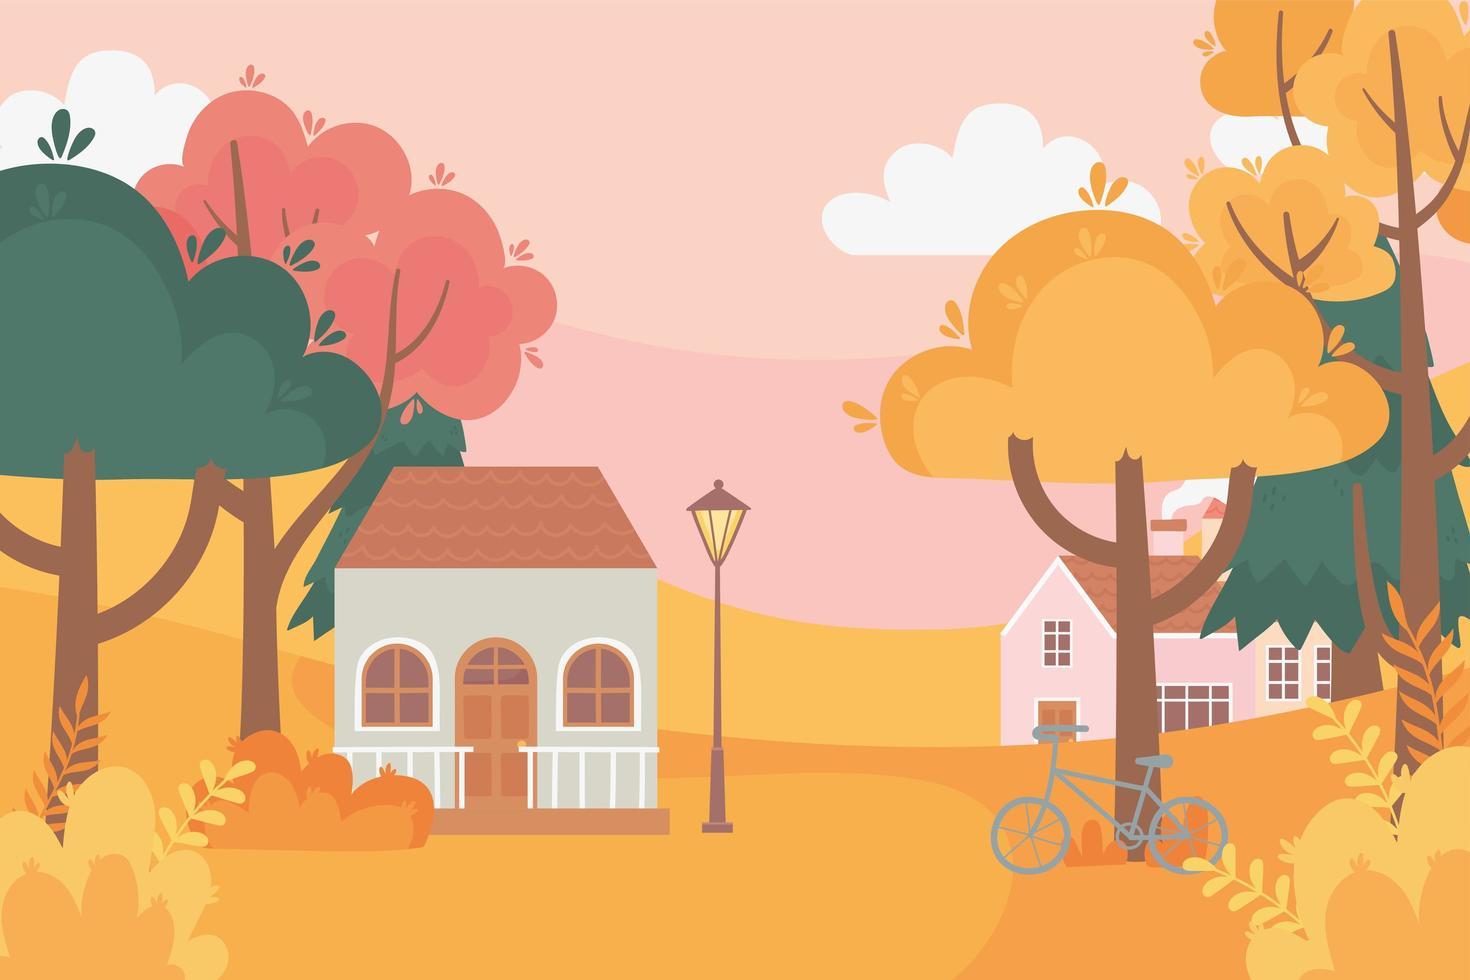 Landschaft im Herbst. Häuser, Fahrrad, Lampe und Bäume vektor